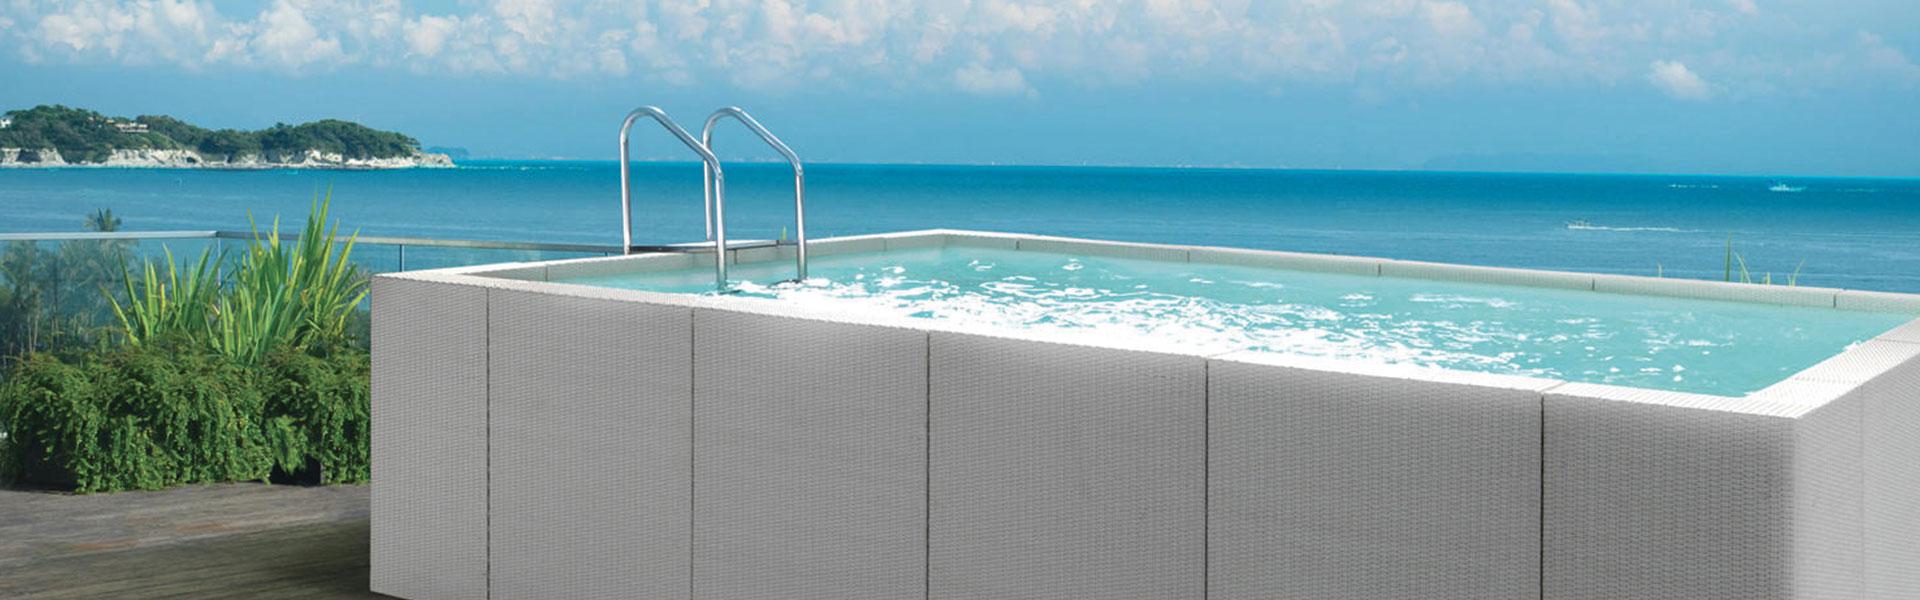 Piccole piscine fuori terra gallery of piccole piscine for Piscine fuori terra piccole dimensioni